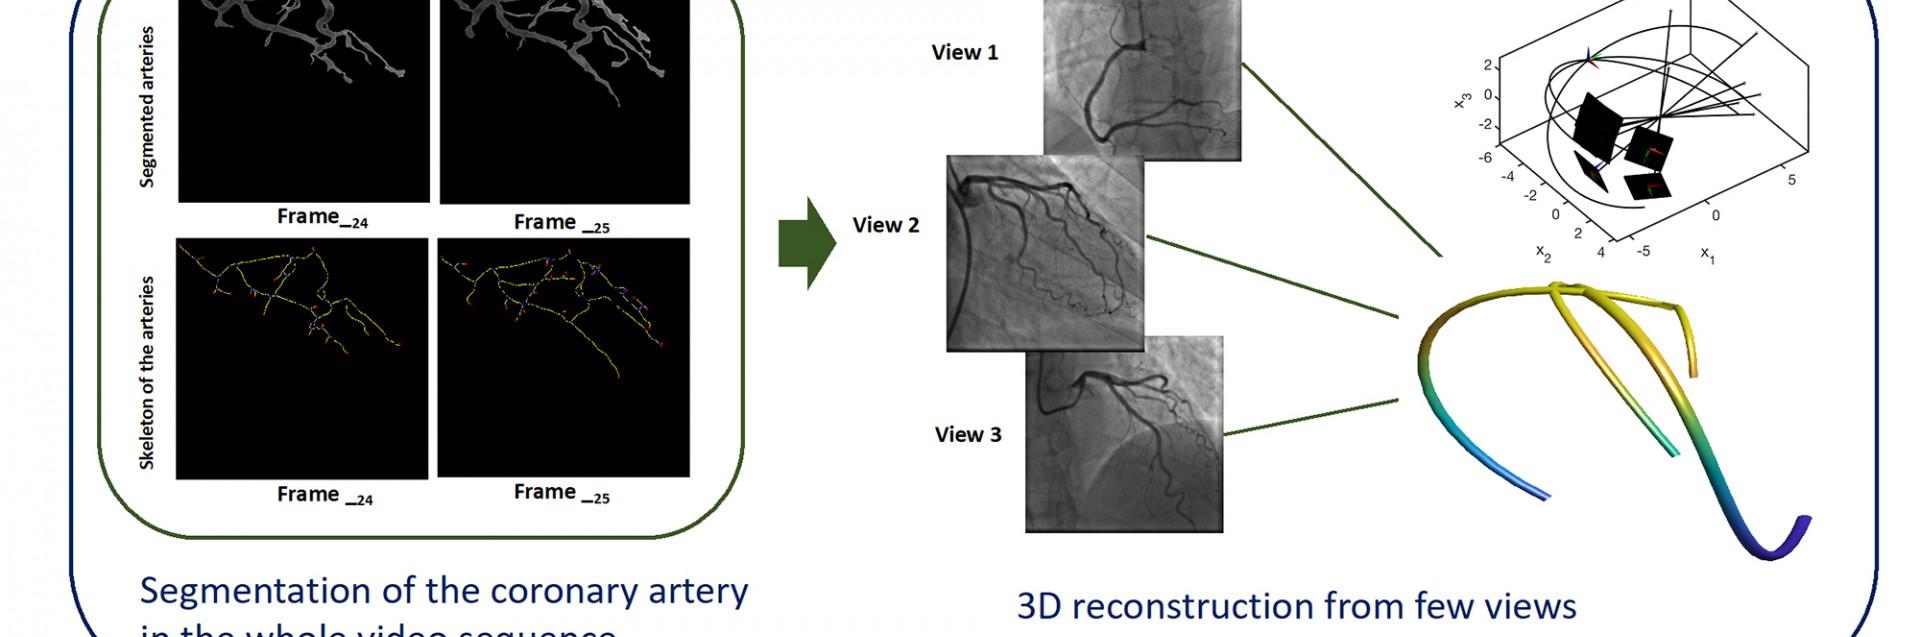 Svart-hvite bilder av hjertet under en operasjon